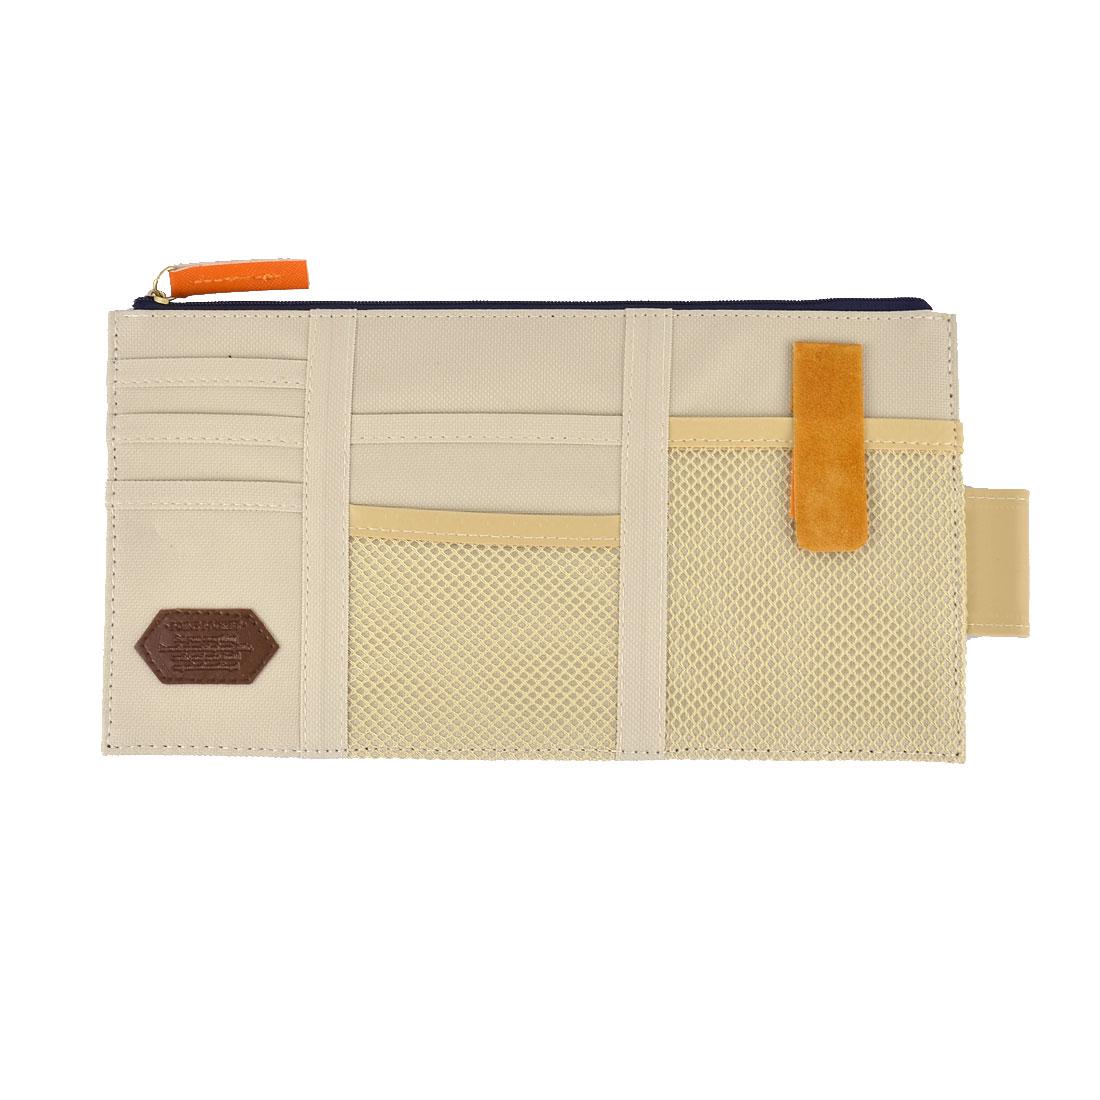 Beige Auto Car Sun Visor Point Pocket Organizer Pouch Bag Card Storage Holder